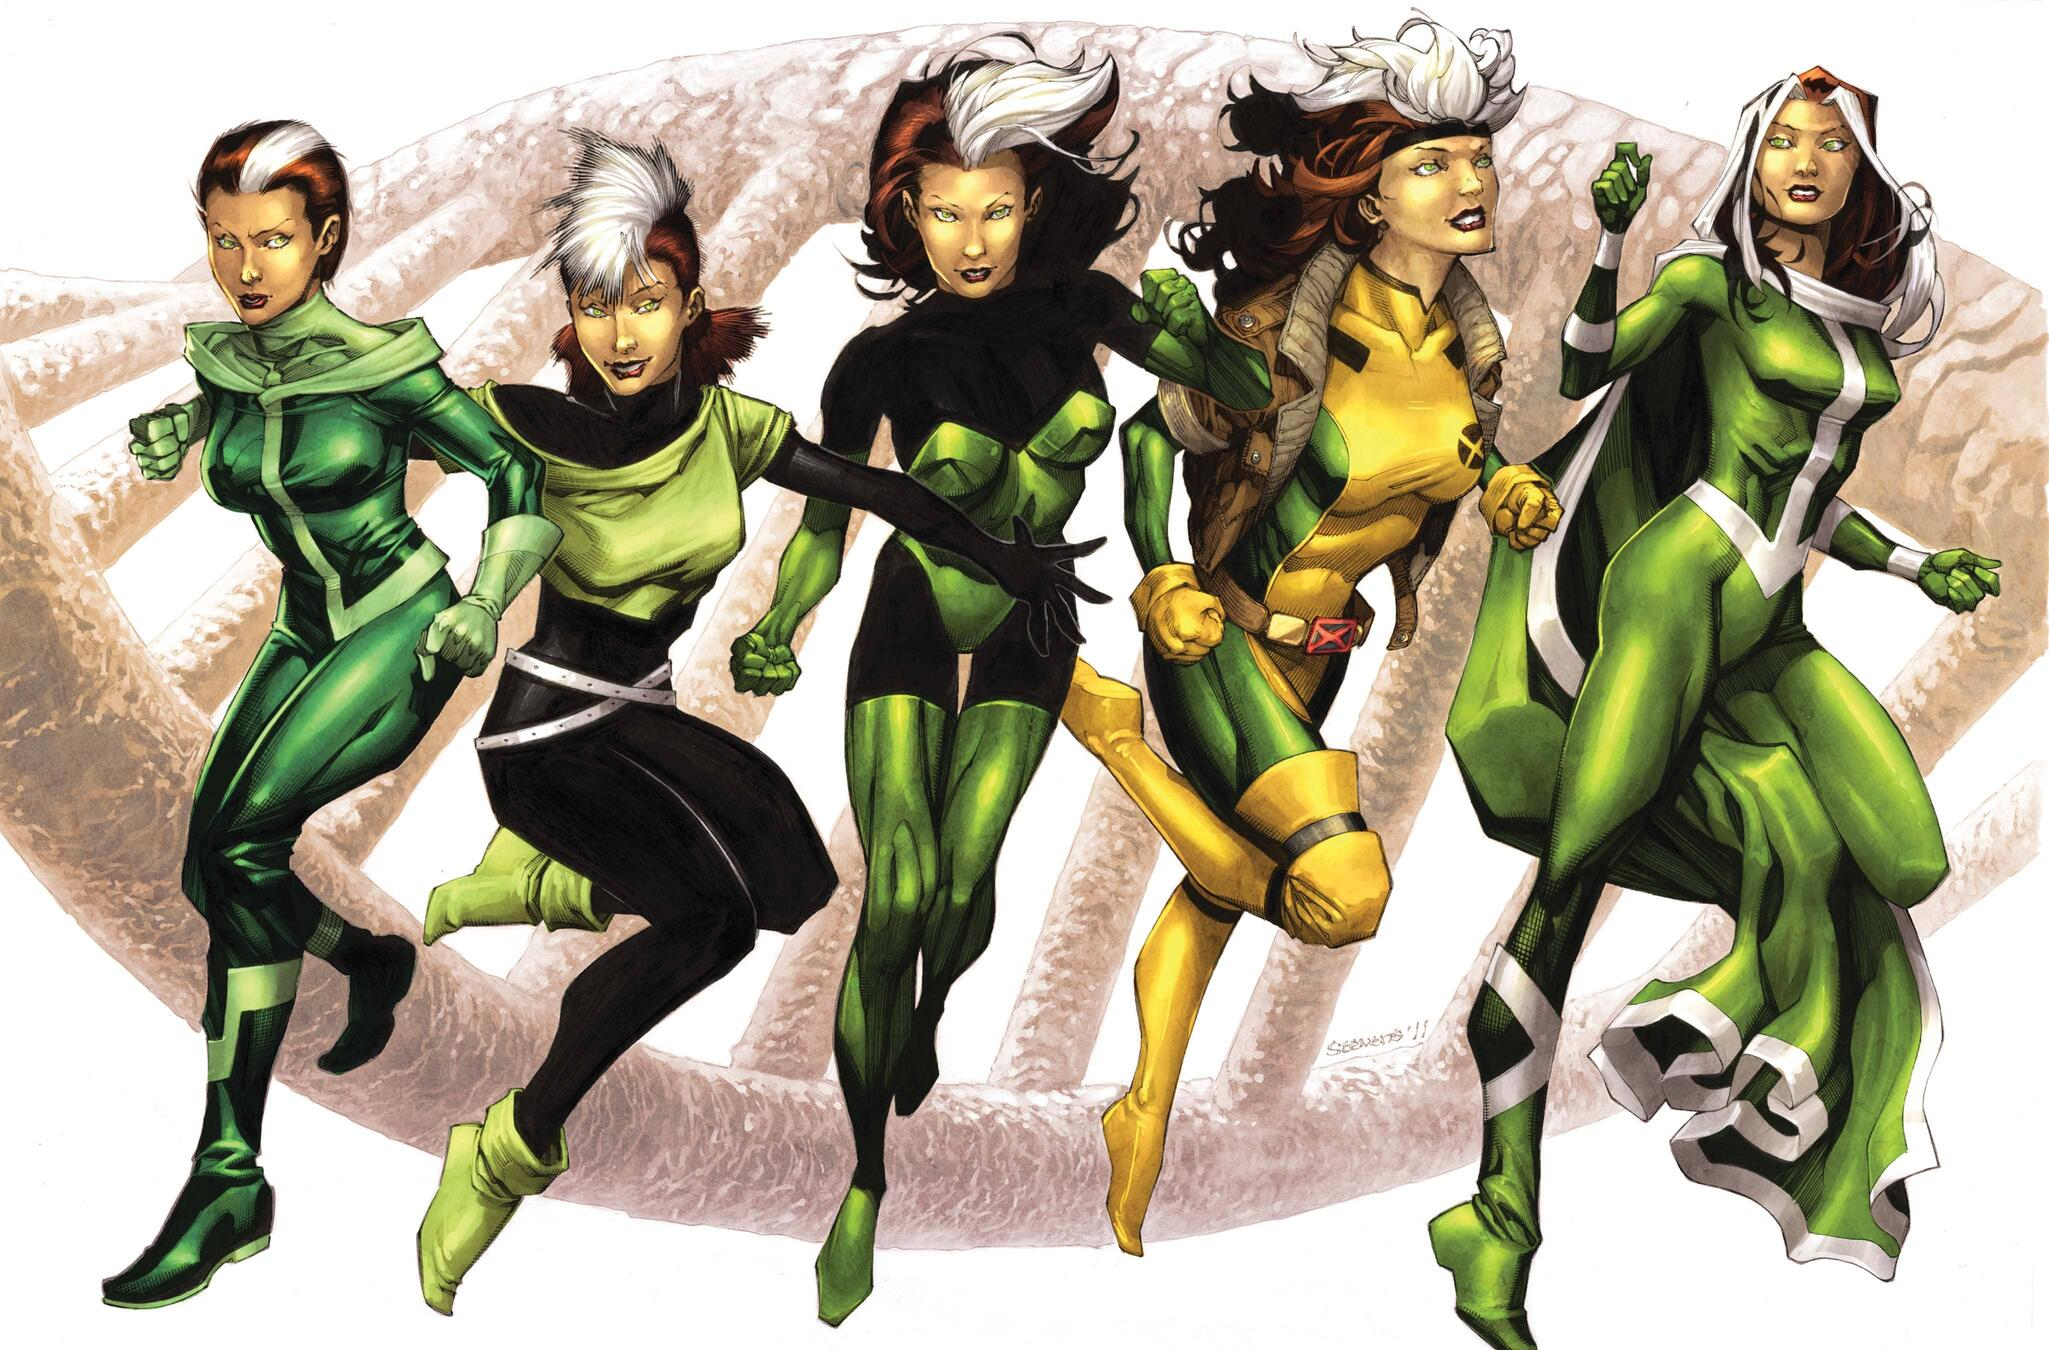 CAPTAIN AMERICA #616 - X-Men variant cover art by Chris Stevens